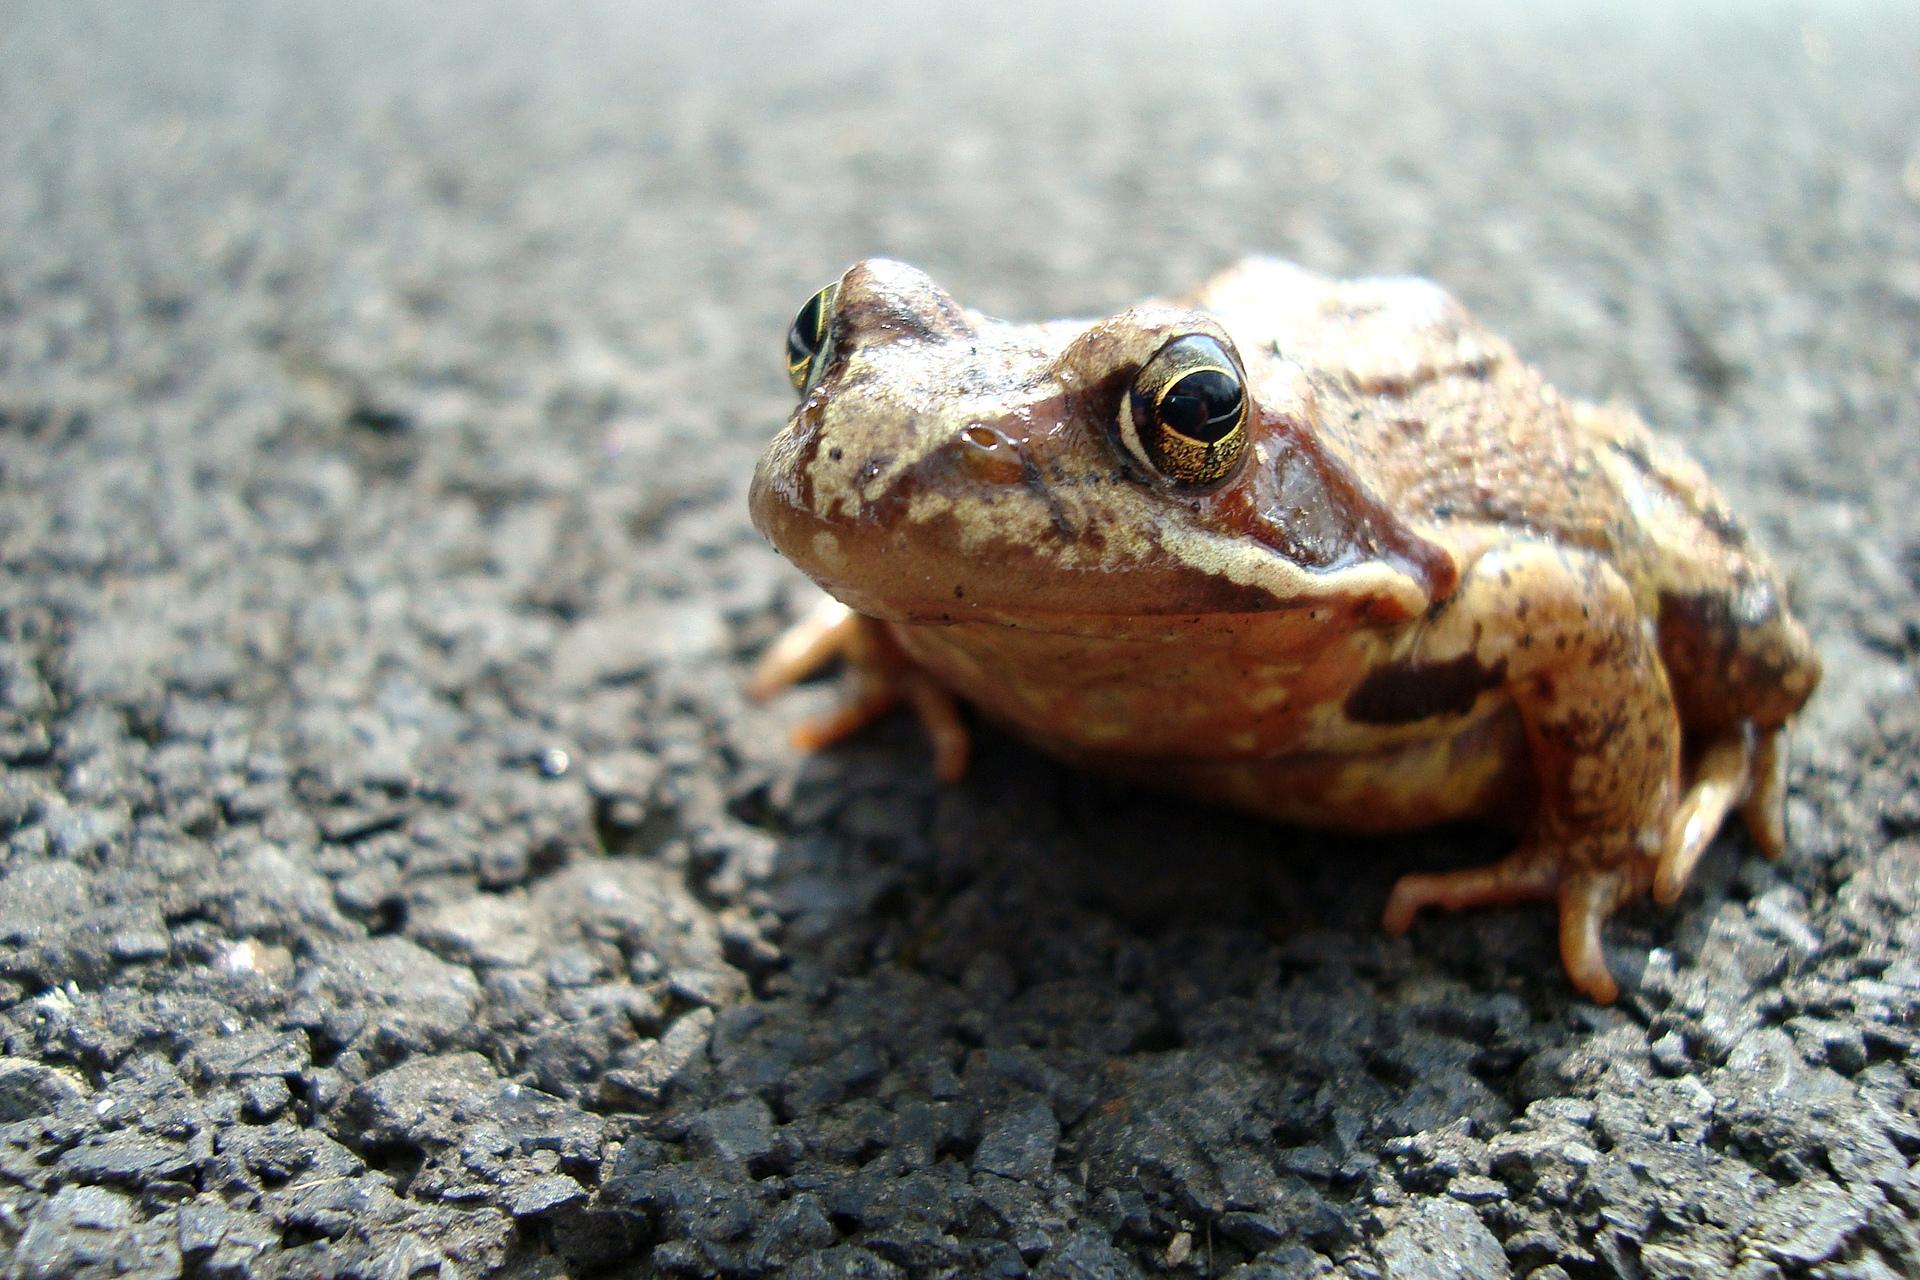 frog-1-1248517-1920x1280